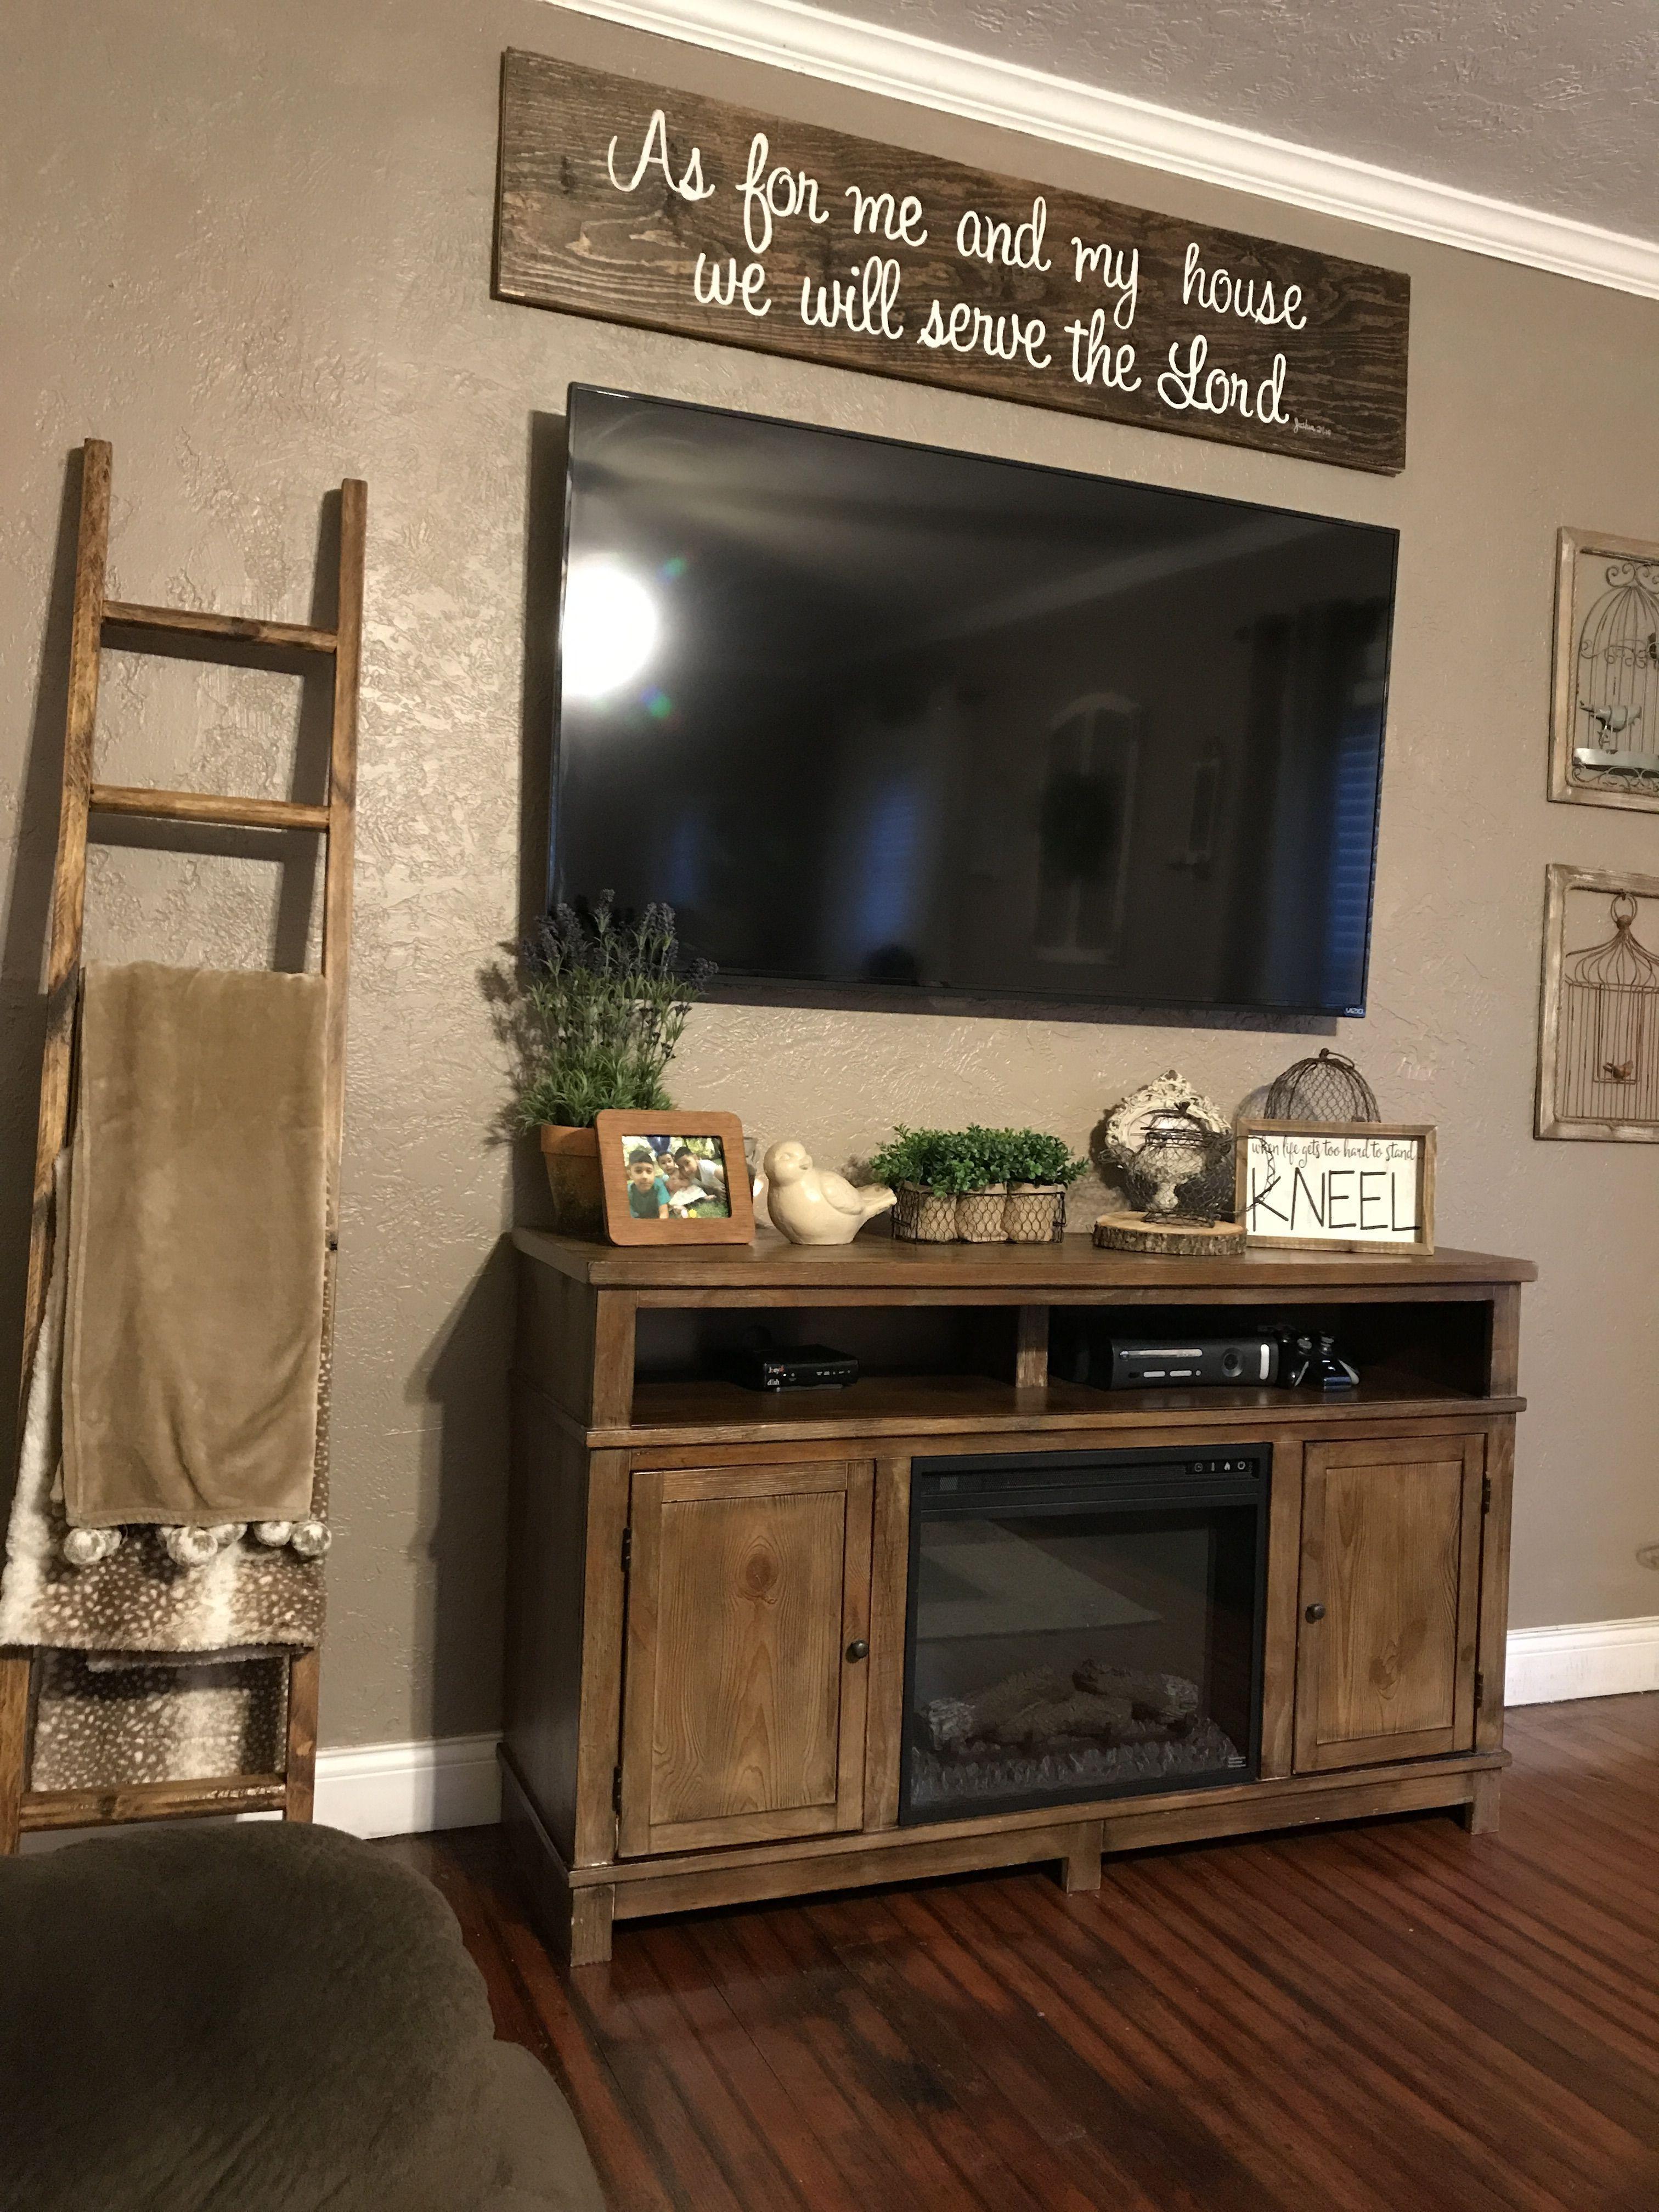 Smallbrownlivingroomideas Living Room Remodel Living Room Tv Wall Farm House Living Room